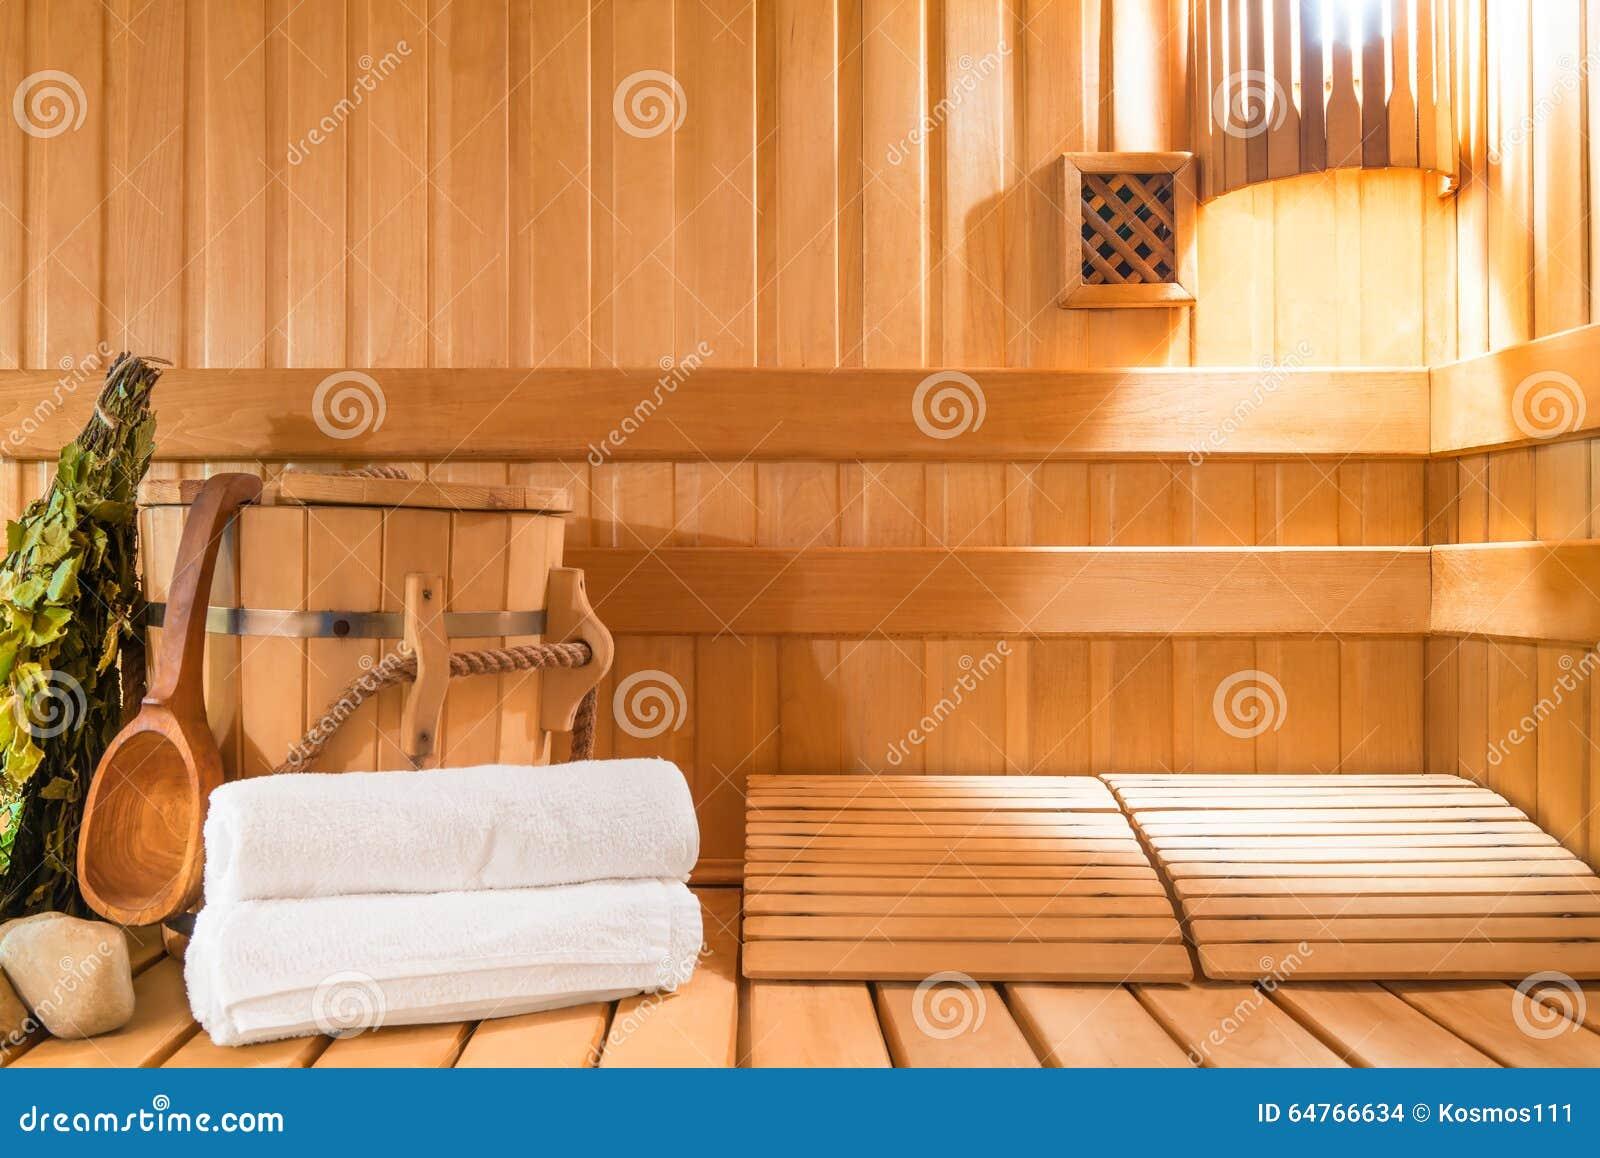 Bagno Legno Naturale : Bagno turco fatto di legno naturale fotografia stock immagine di